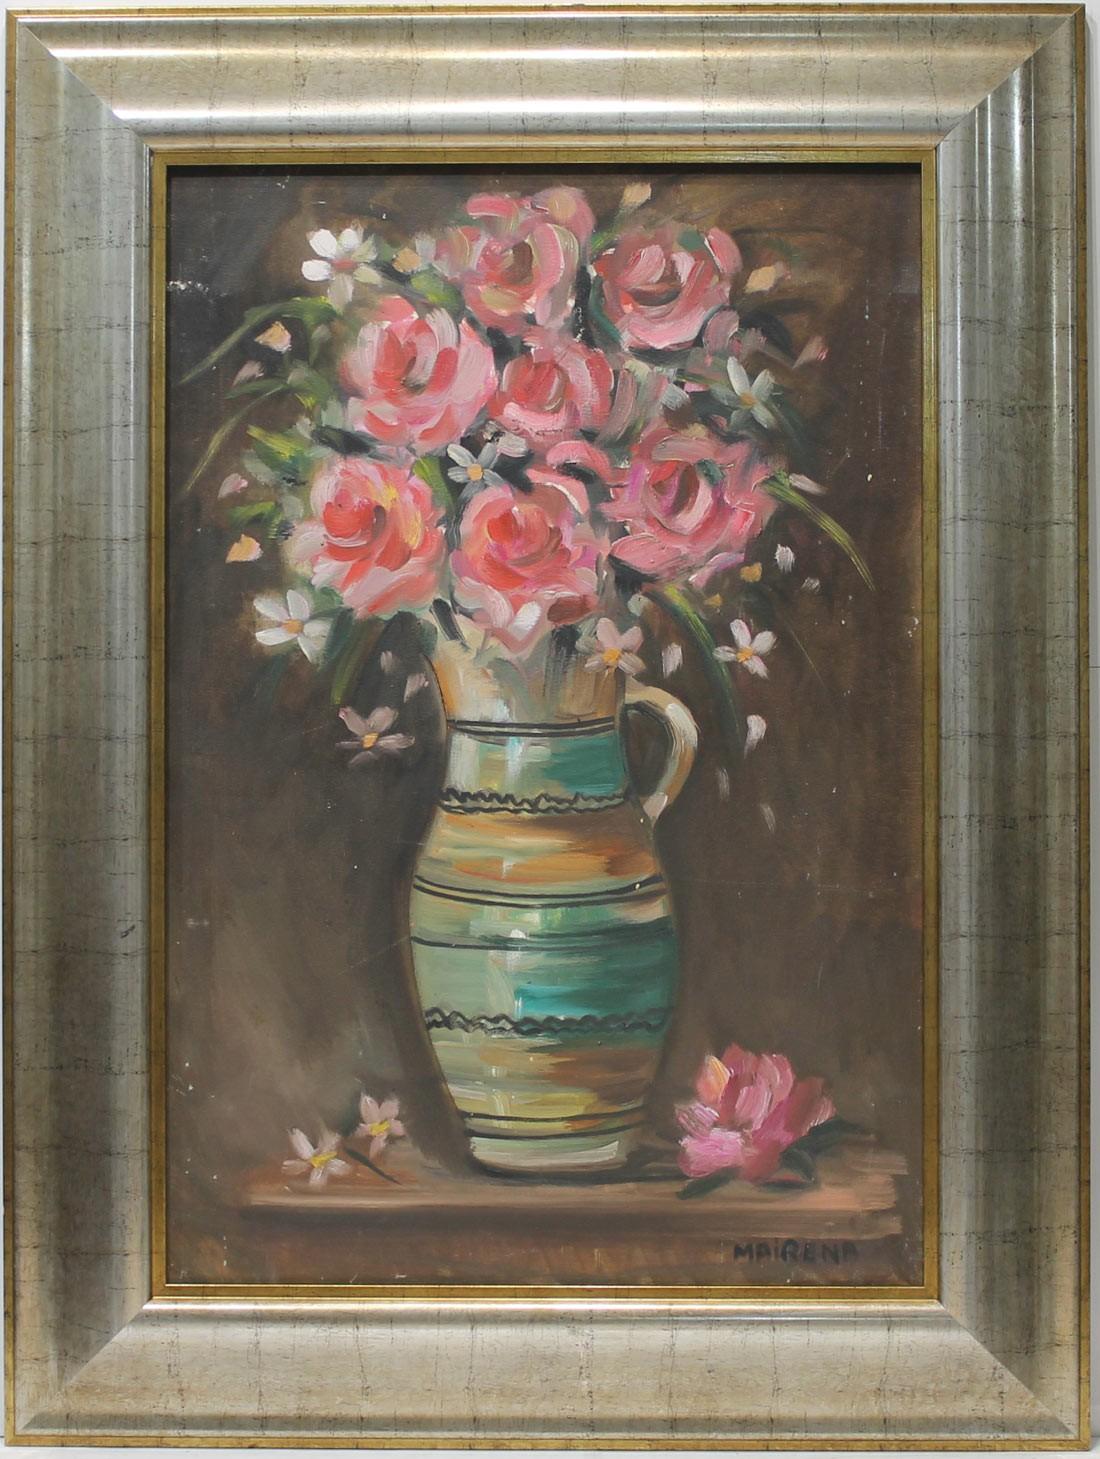 Maria Mairena: Jarrón con flores